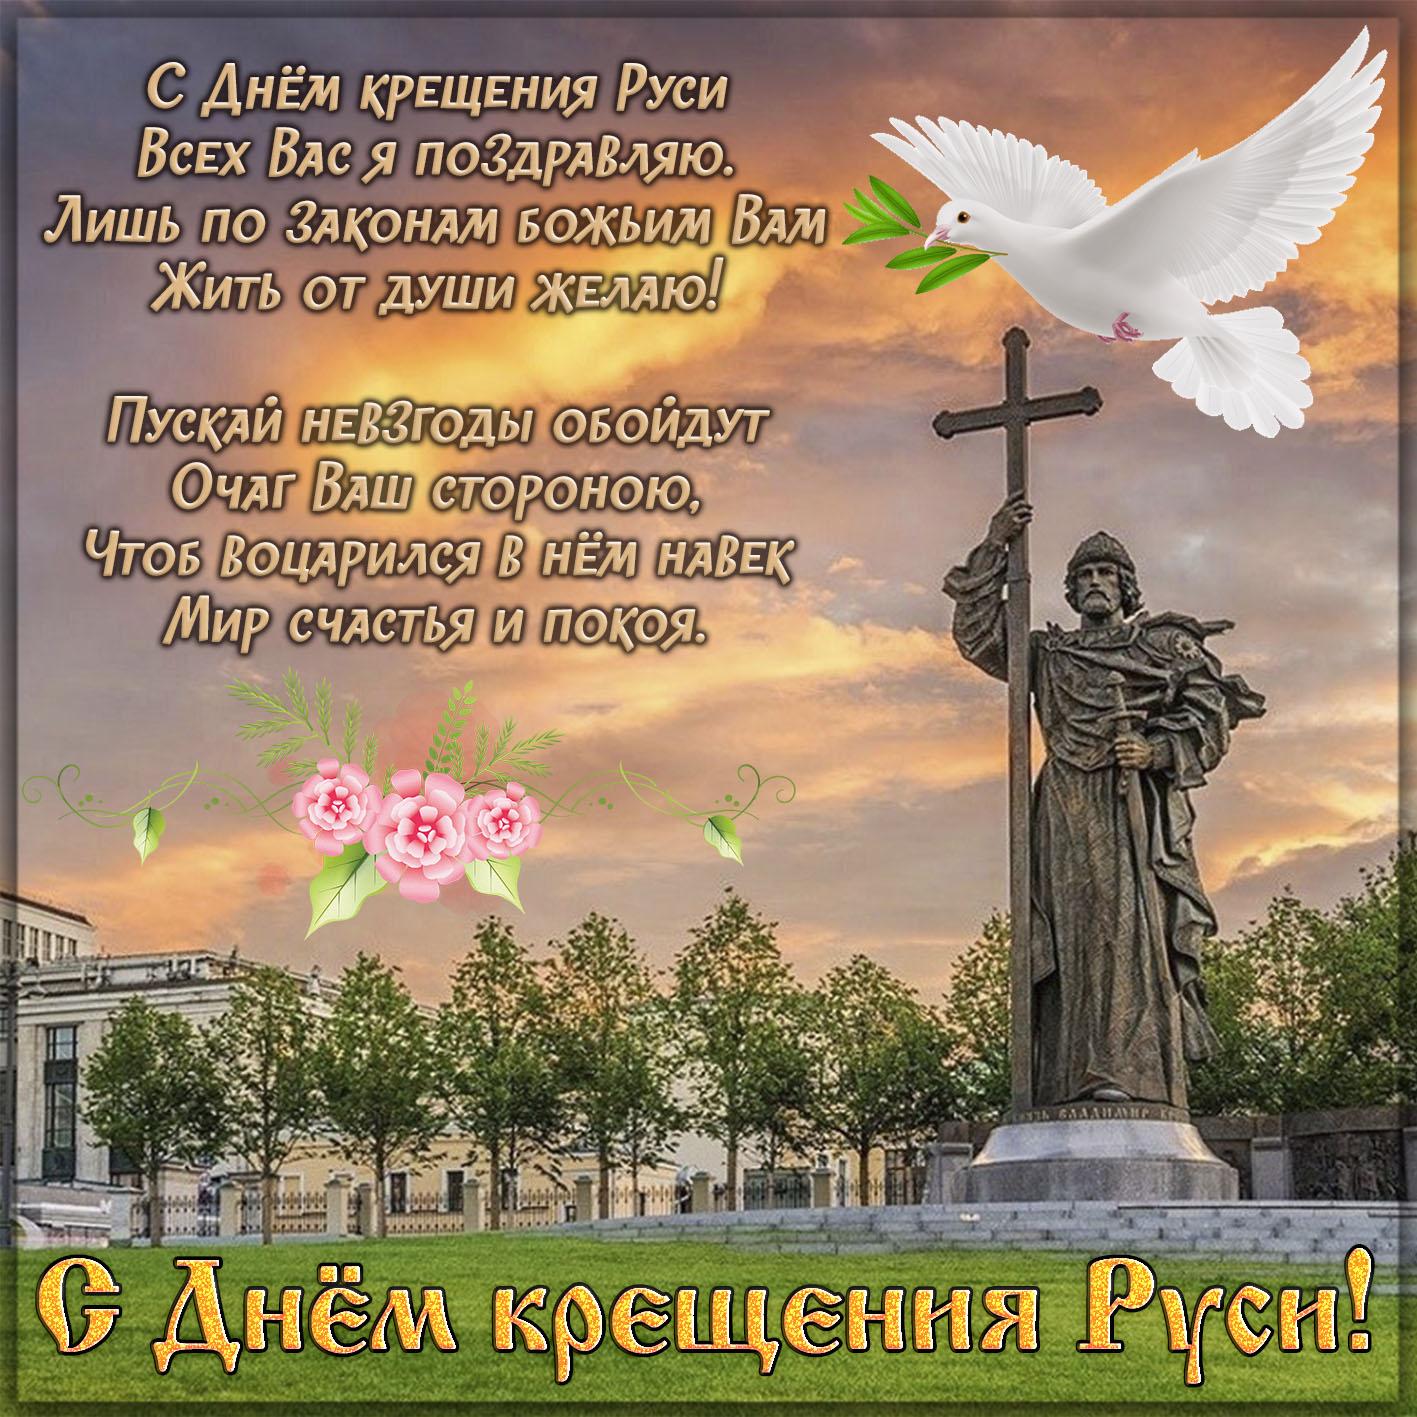 Открытки с праздником крещения руси